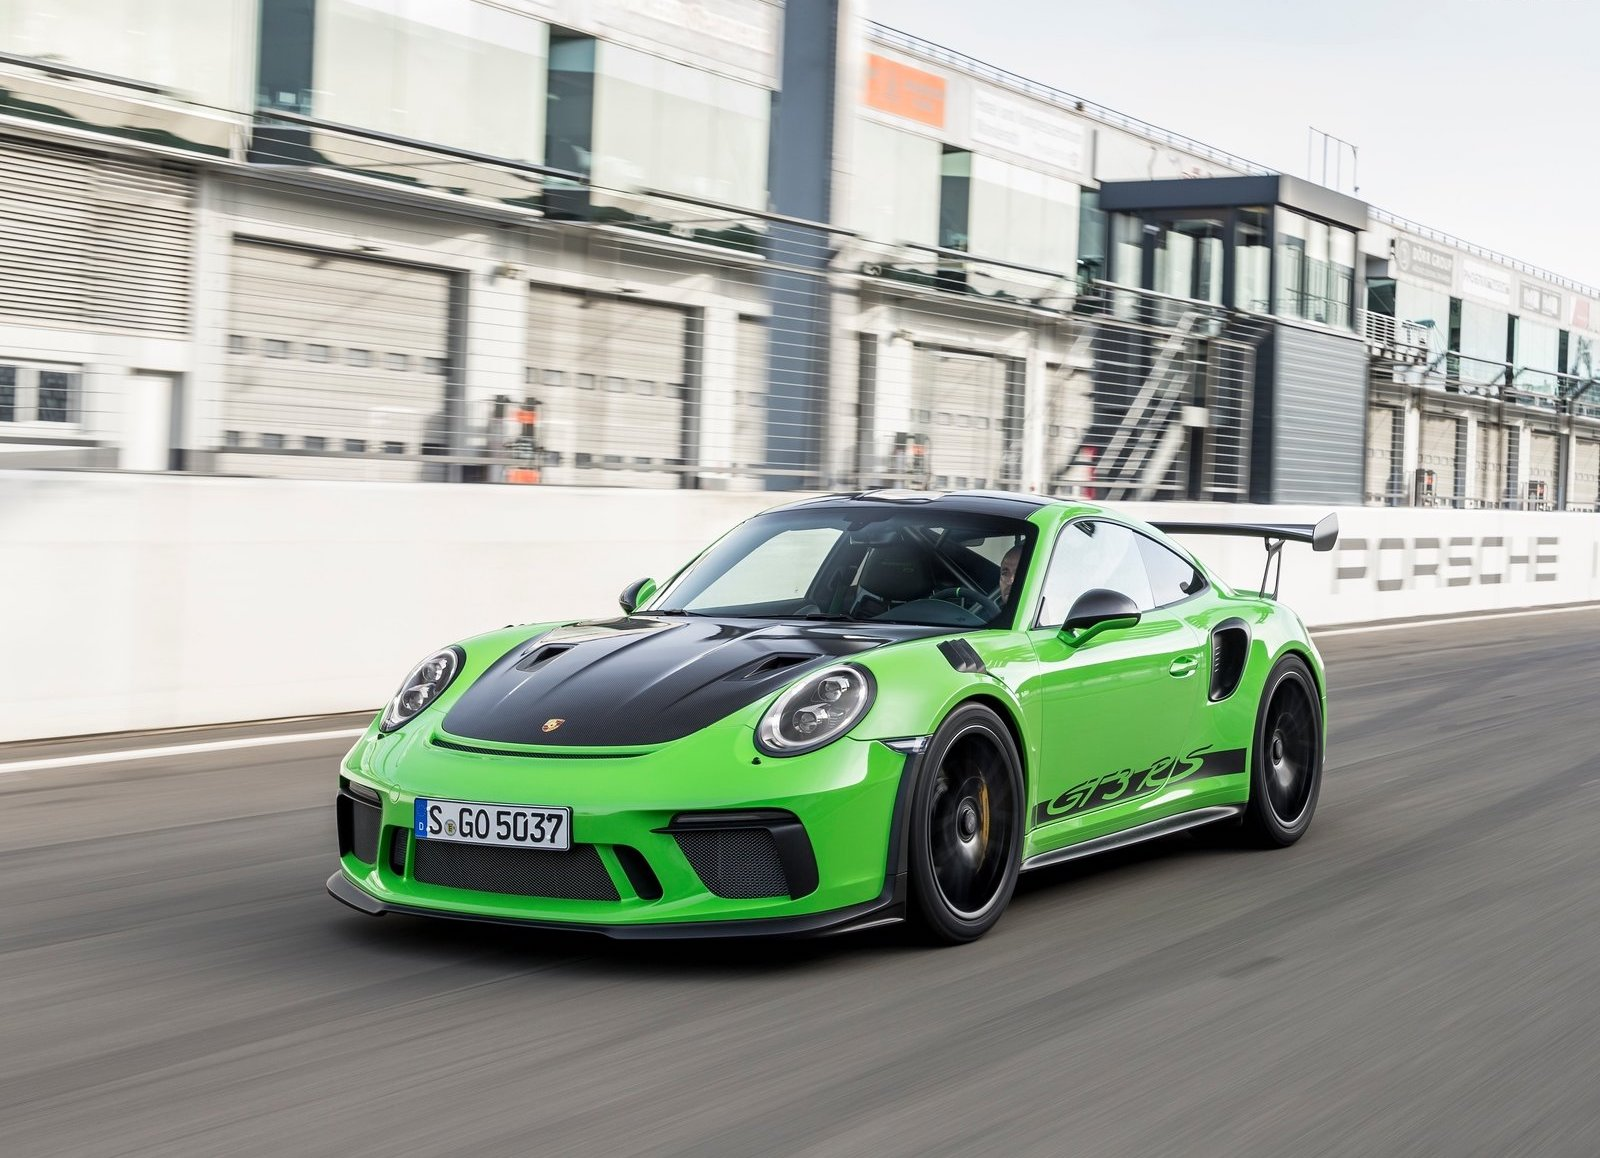 2019 Porsche 911 GT3 RS Weissach package green